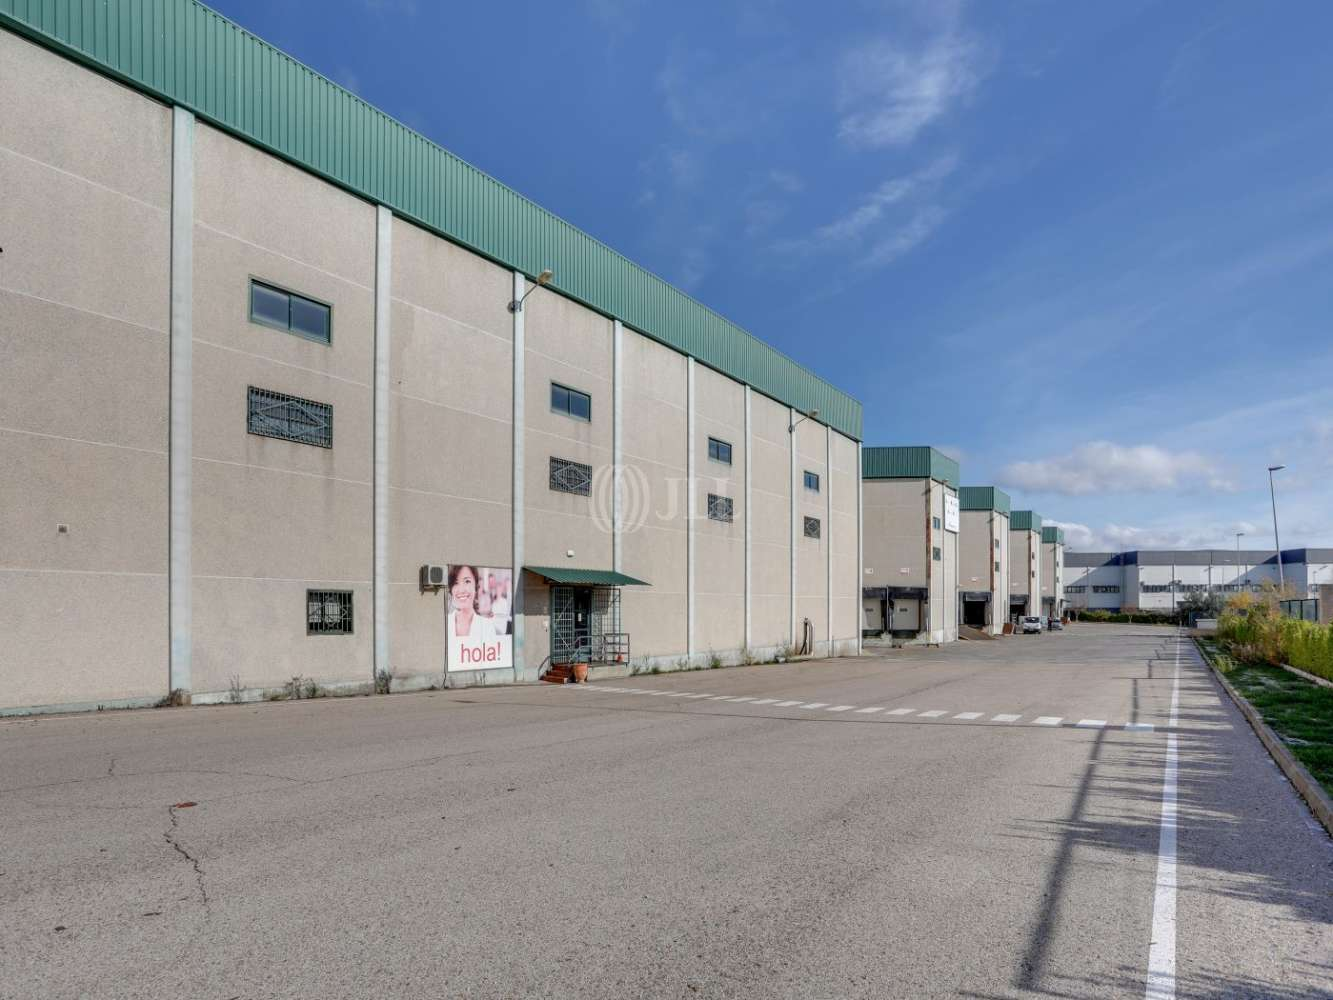 Naves industriales y logísticas Valdemoro, 28343 - Nave Logistica - M0343 P.I LA POSTURA VALDEMORO - 23366